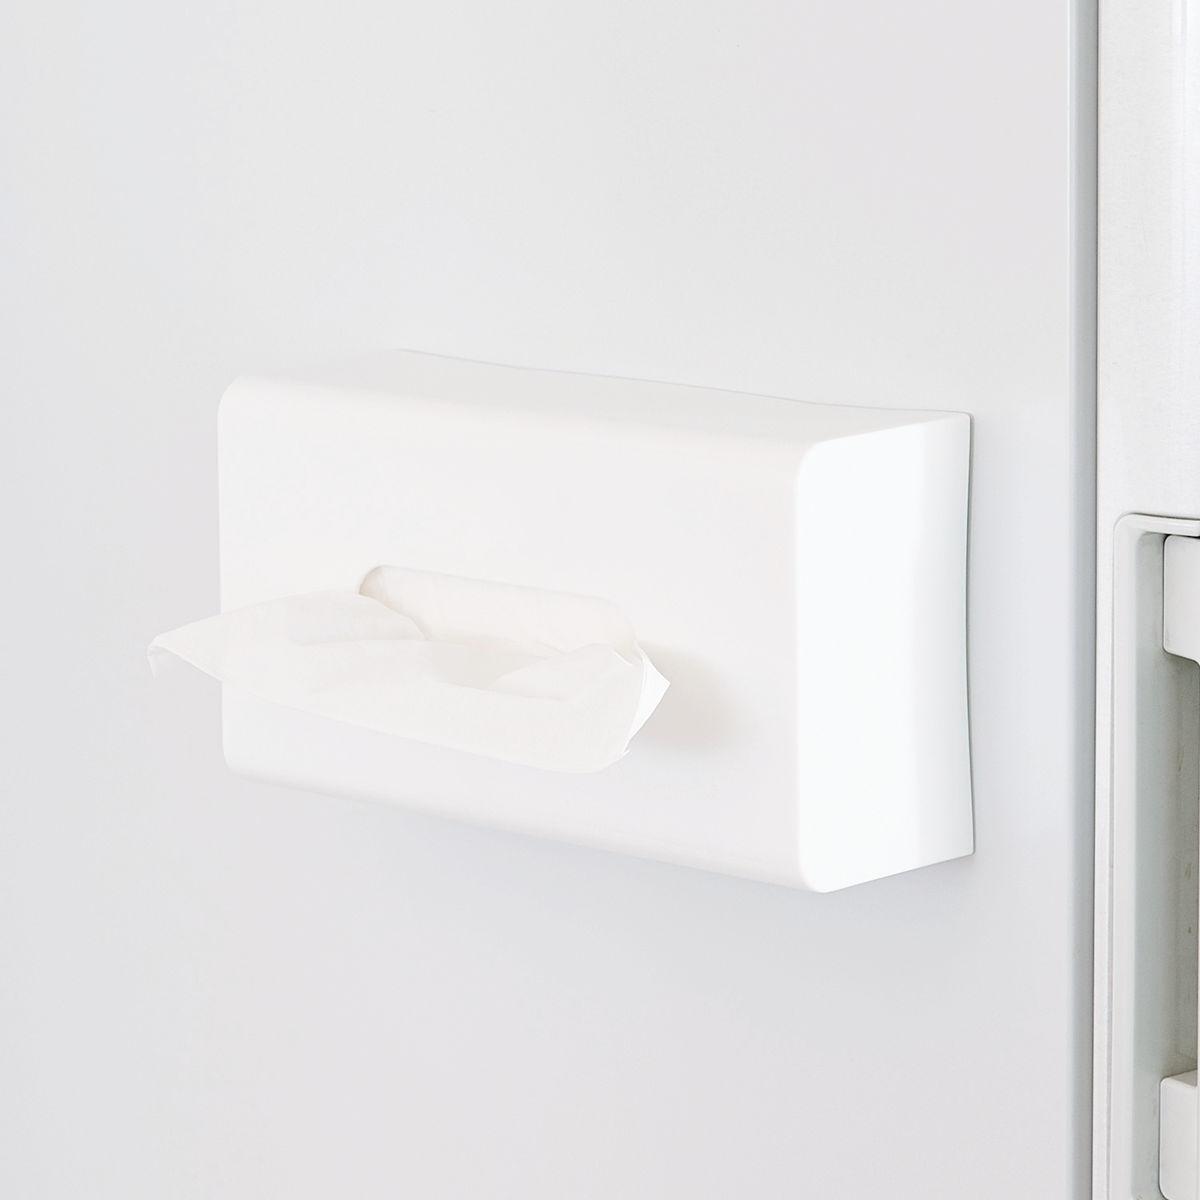 いつも使う場所にぴたっとくっつくマグネットティッシュホルダー ティッシュペーパー 収納 キッチン収納 ティッシュホルダー マグネットボックスティッシュホルダー 39ショップ ティッシュペーパーボックスホルダー 冷蔵庫横 磁石 男女兼用 Mag-On 再販ご予約限定送料無料